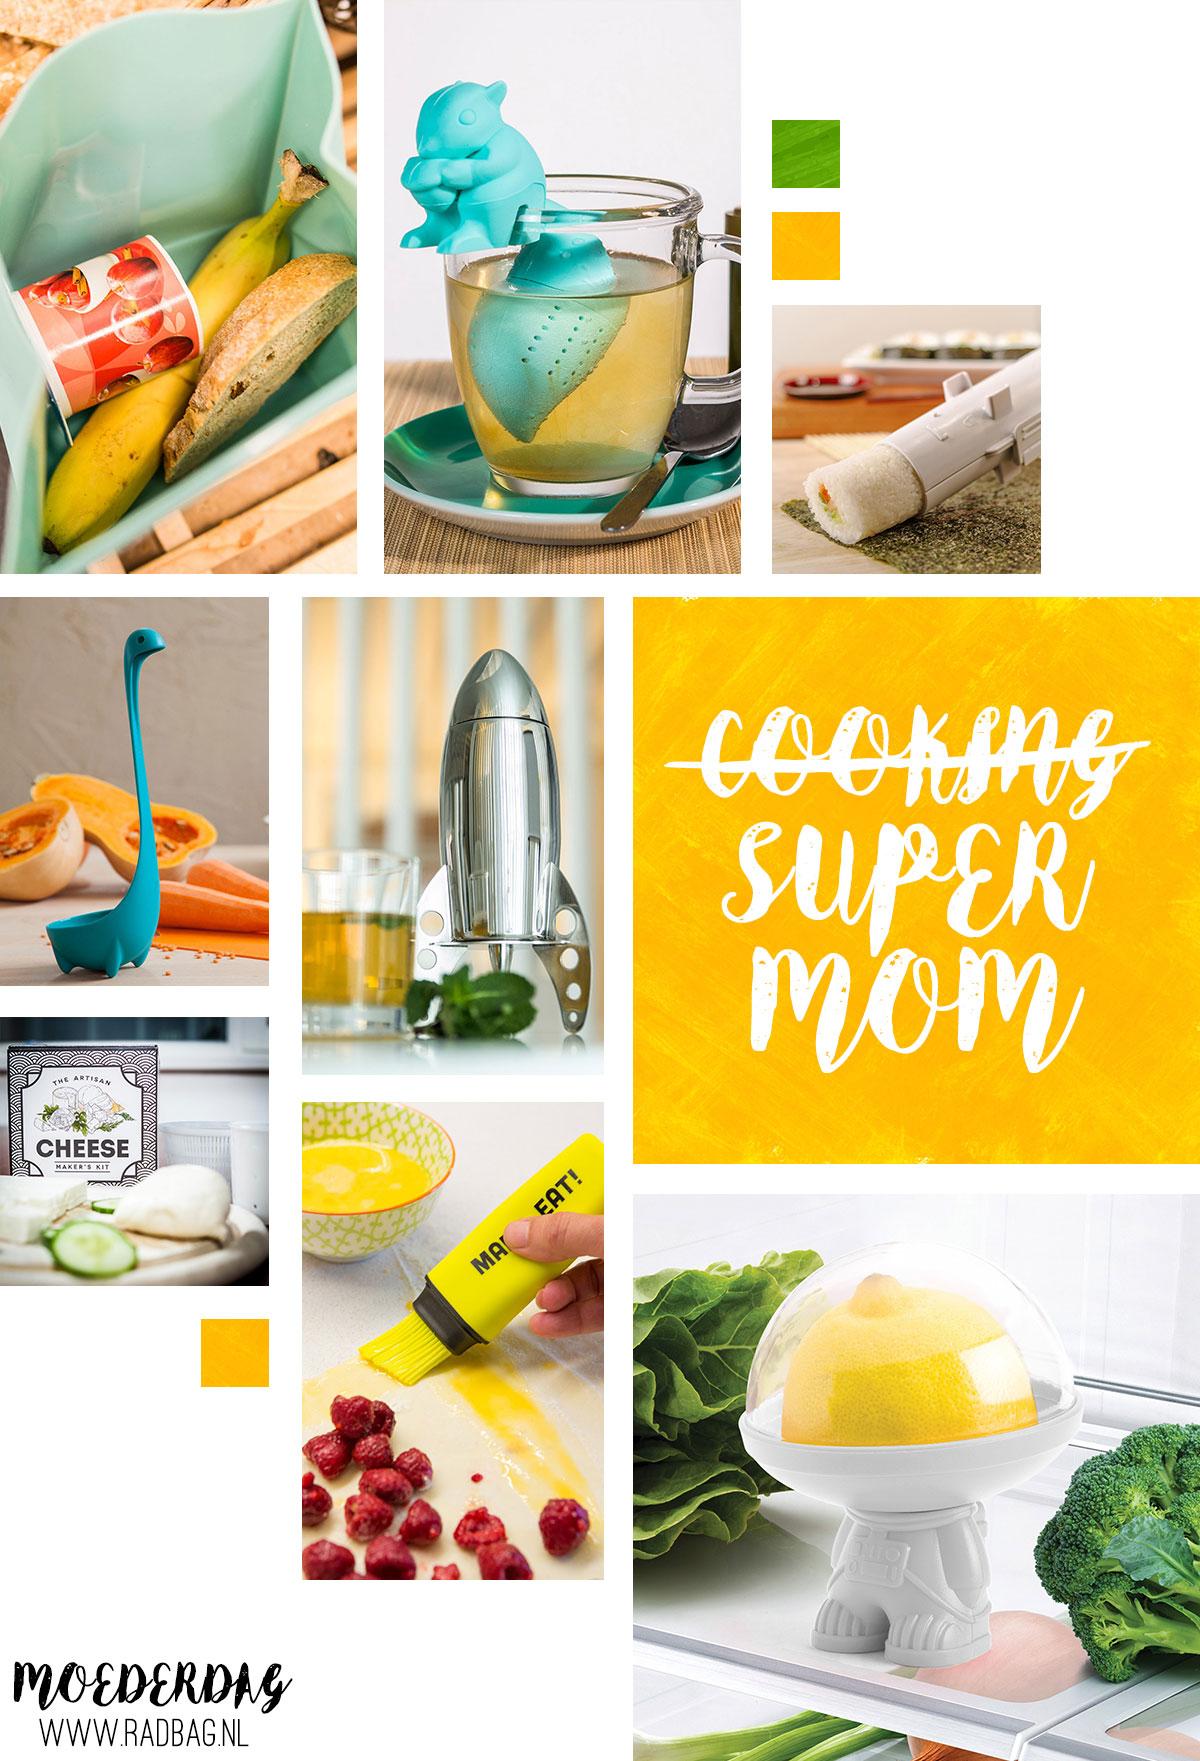 Moederdag cadeaus 8 dingen die je keukenprinses nodig heeft for Dingen voor moederdag